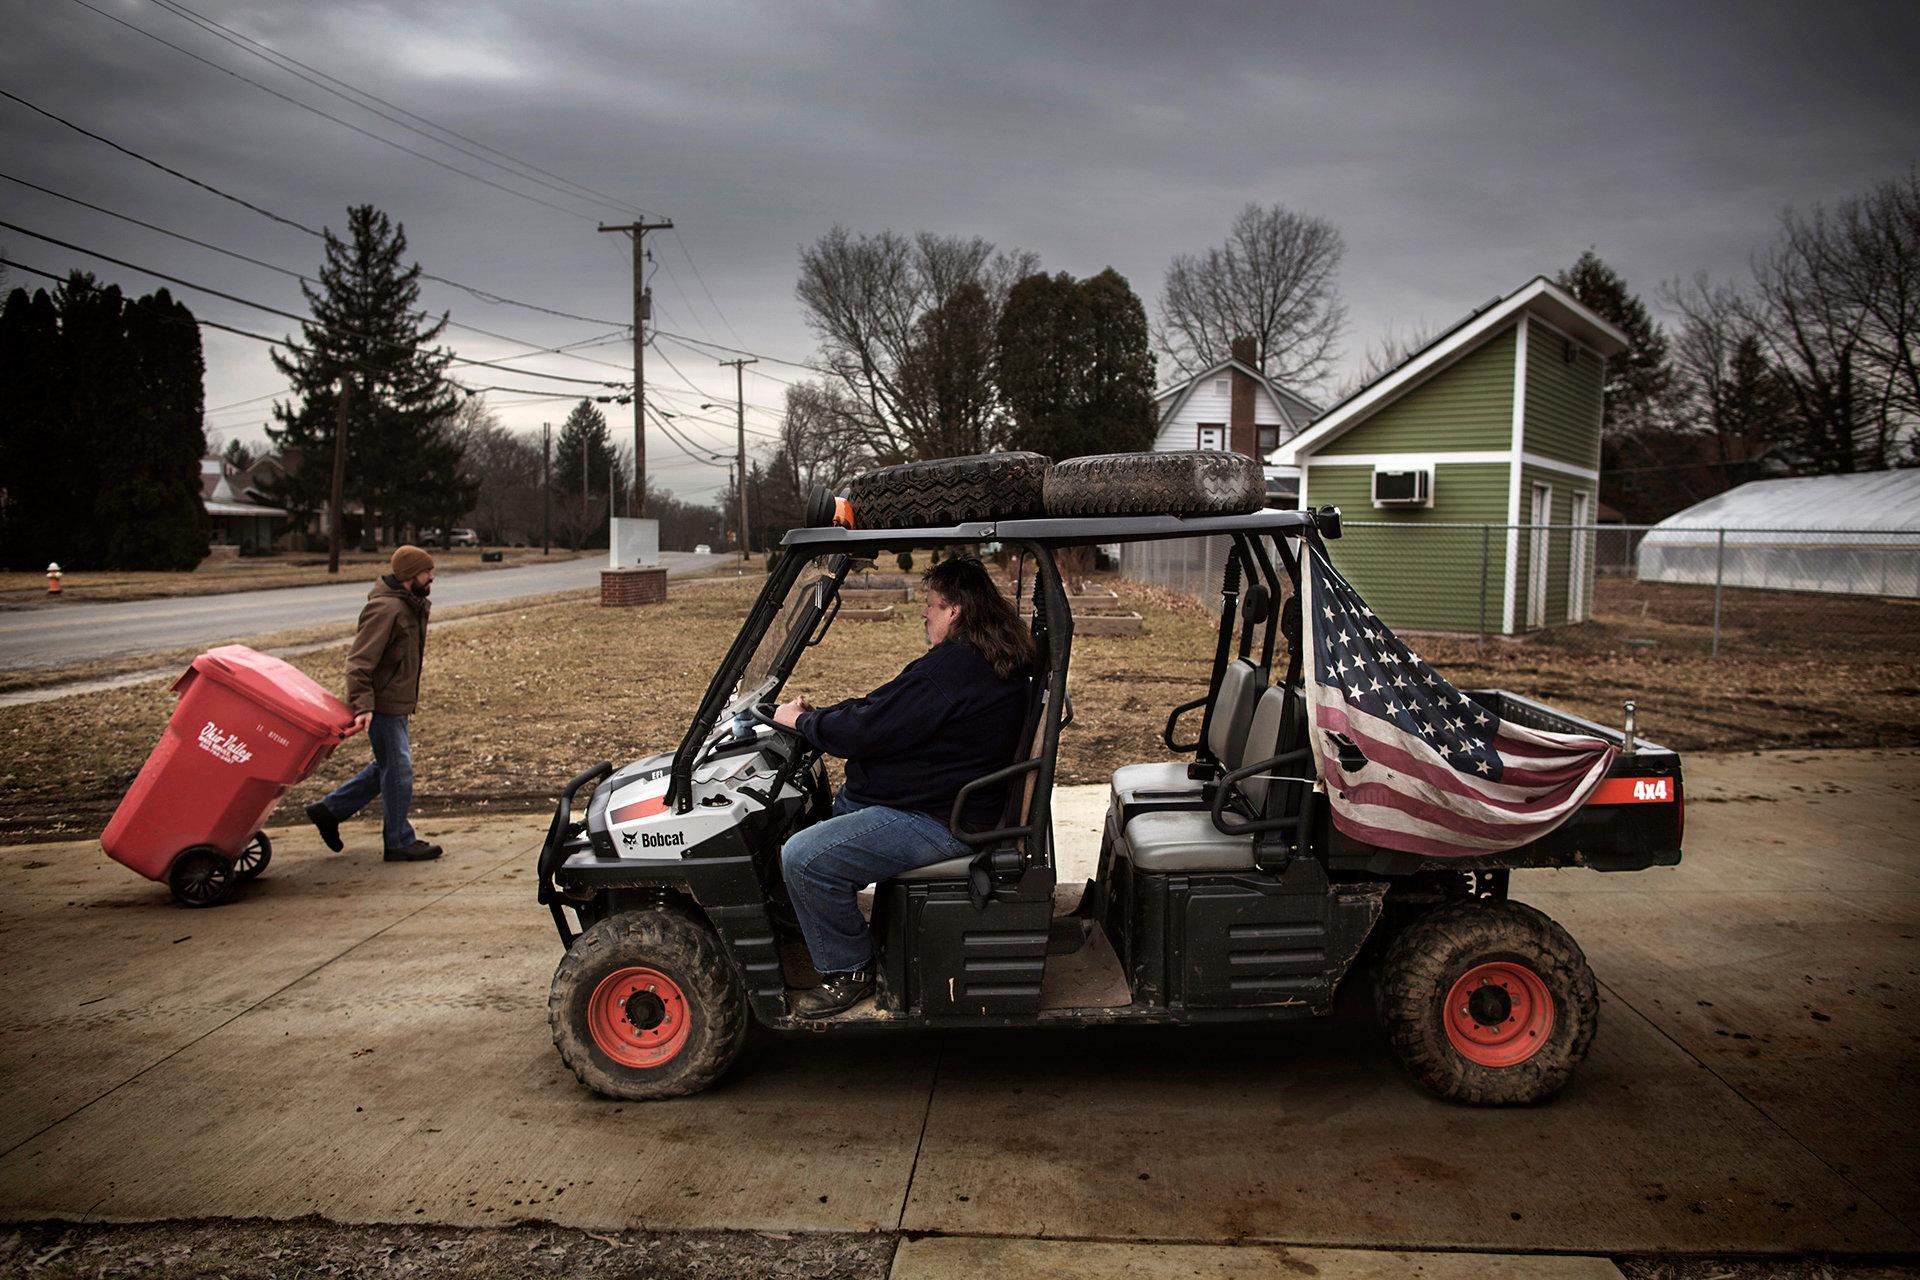 Mann fährt einen Buggy mit USA Flagge in Youngstown (Foto: Espen Rasmussen/VISUM)